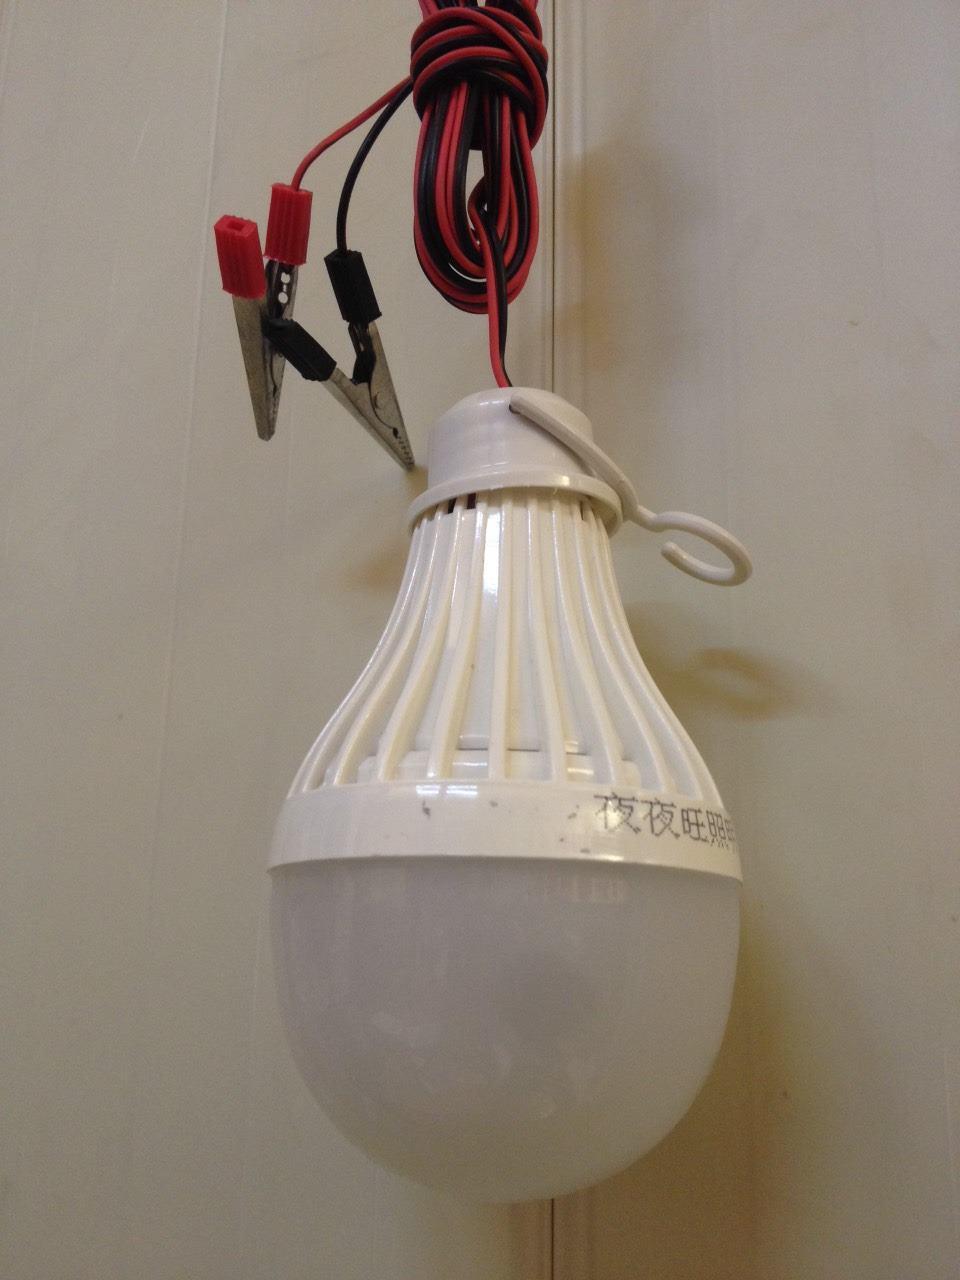 ไฟพกพา LED 7w 12v